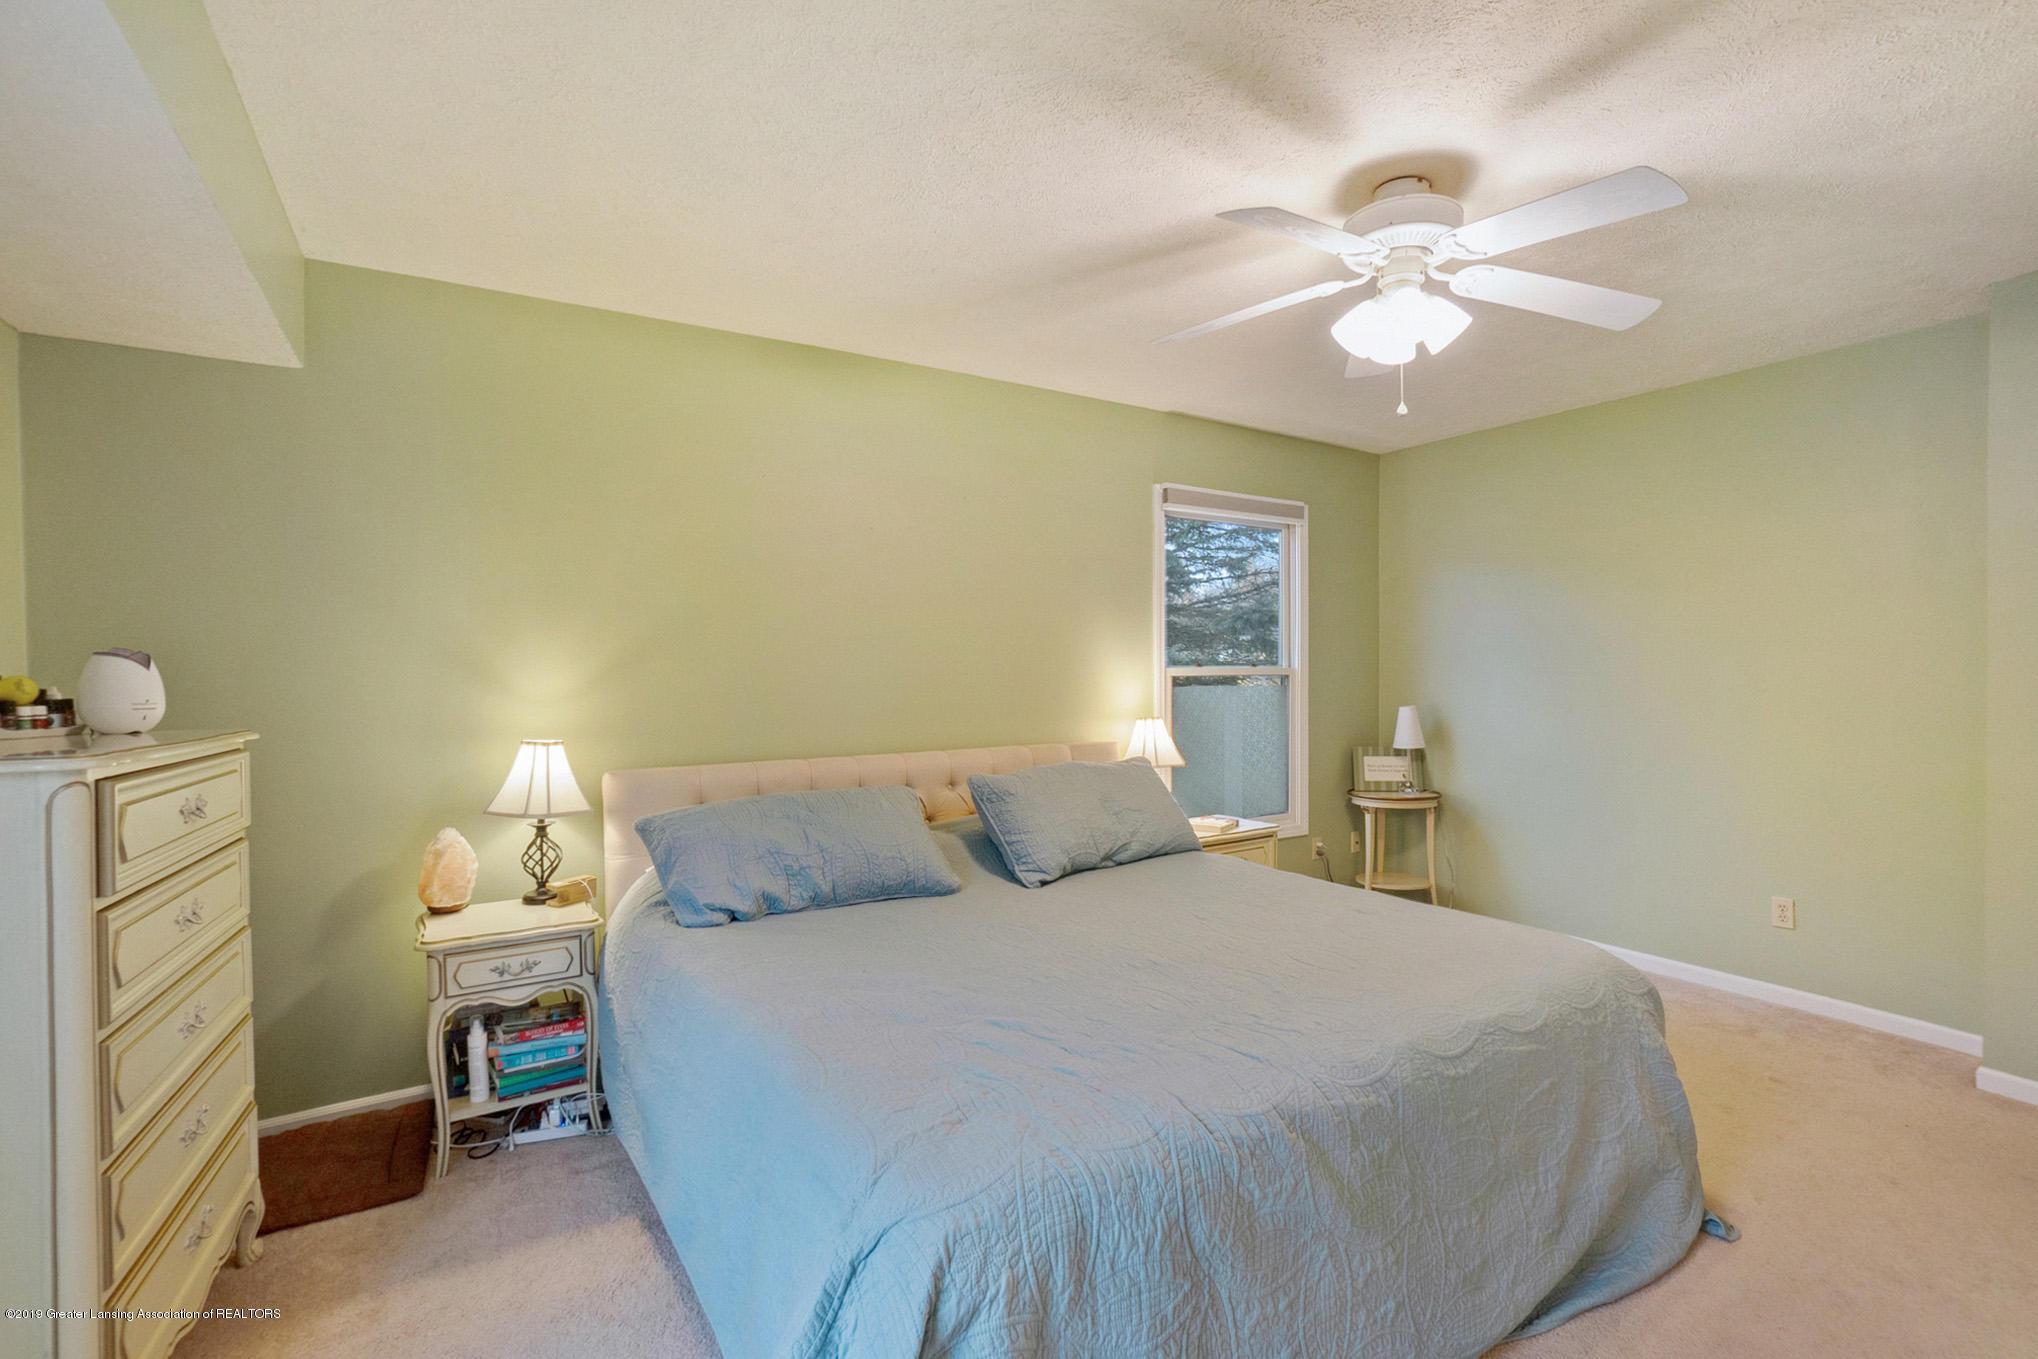 2540 Cunningham Dr - Bedroom - 20